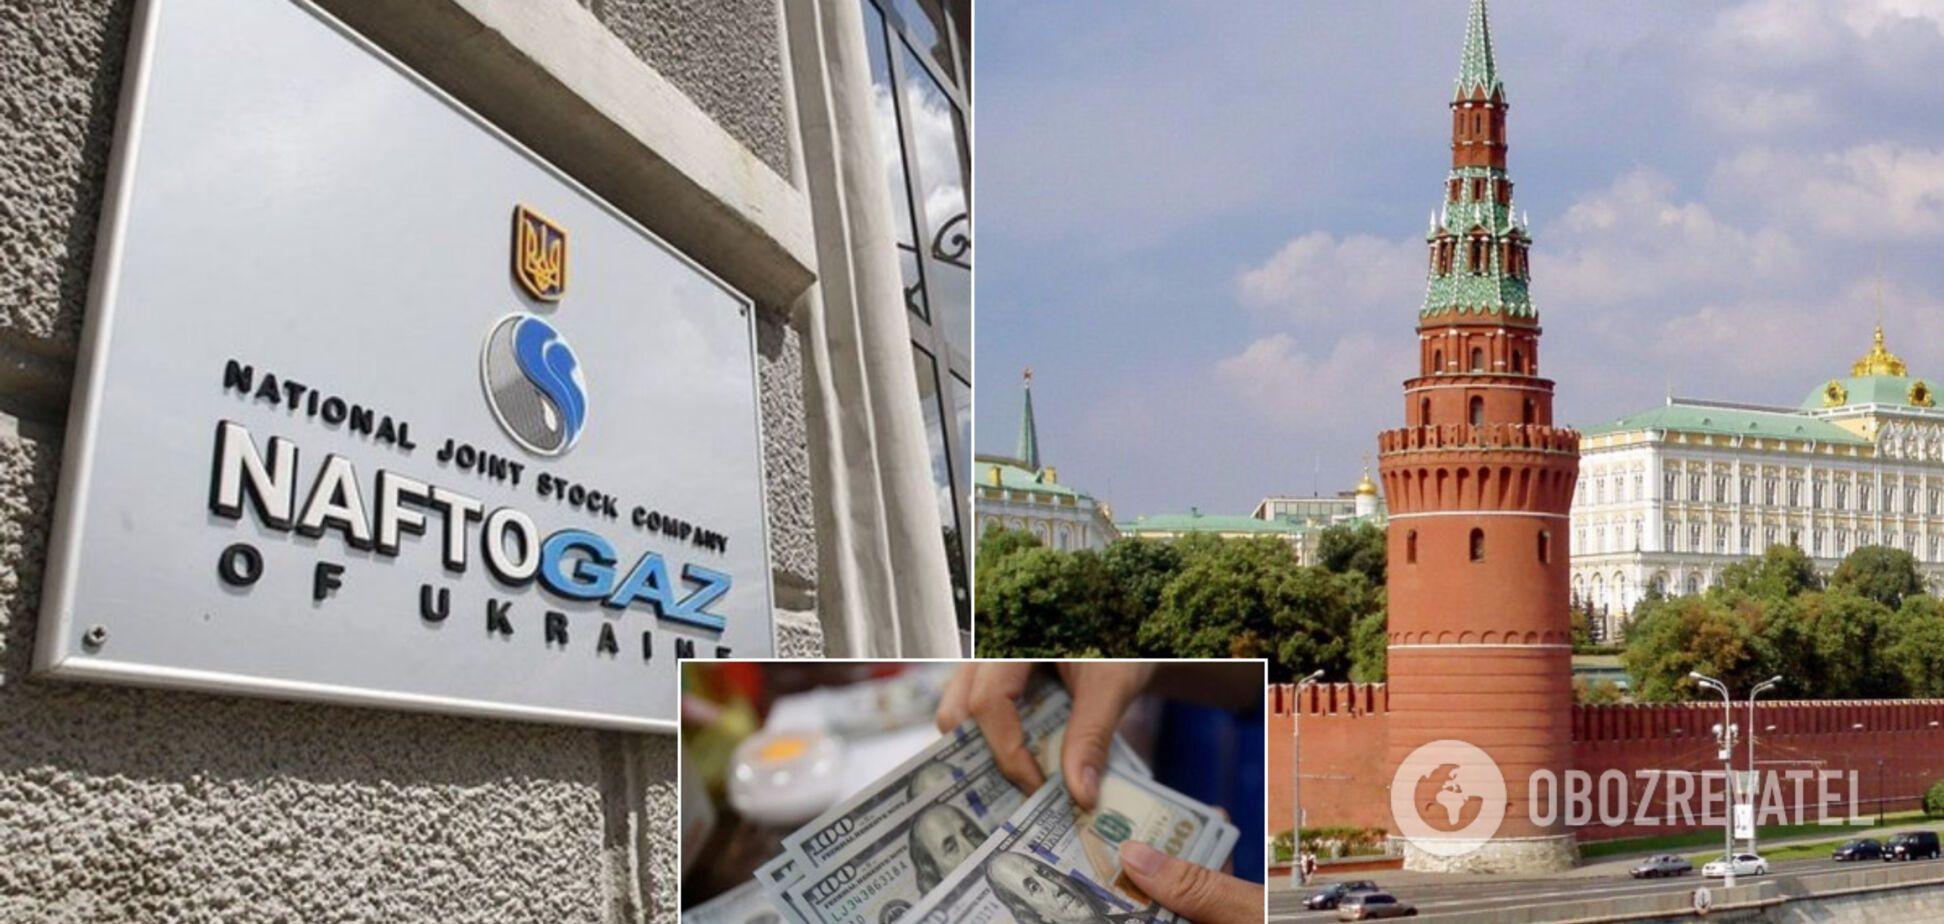 НАБУ получило доступ к данным о миллионных премиях в 'Нафтогазе' – СМИ